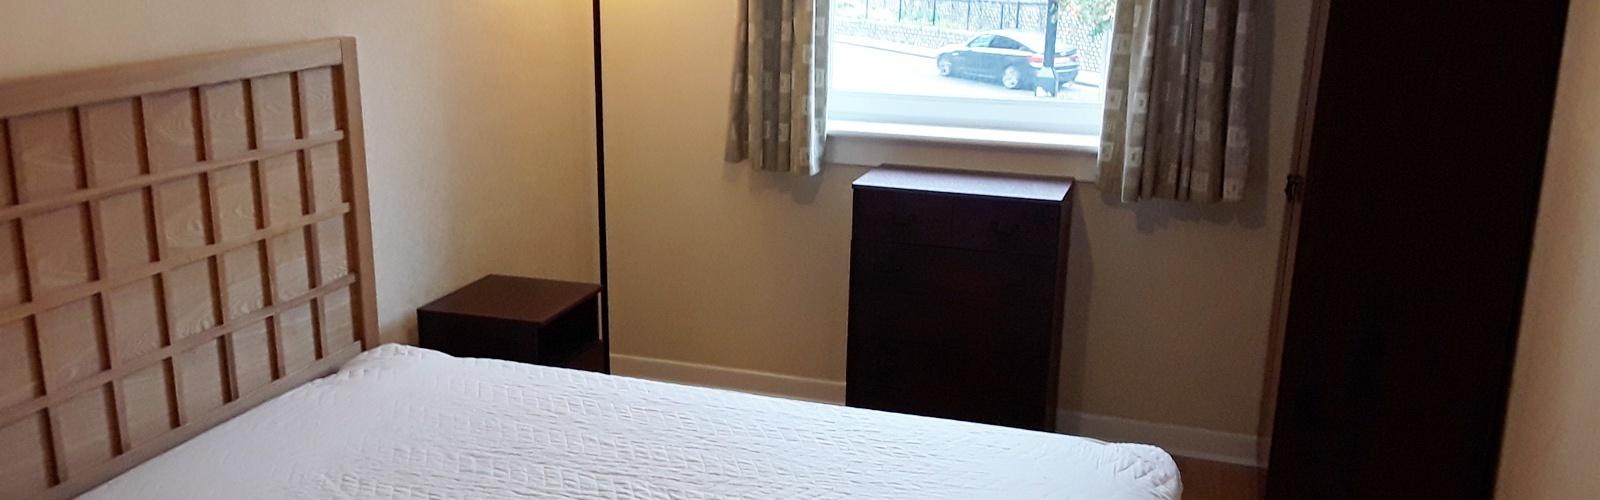 2 Bedrooms Bedrooms,1 BathroomBathrooms,Flat,1025